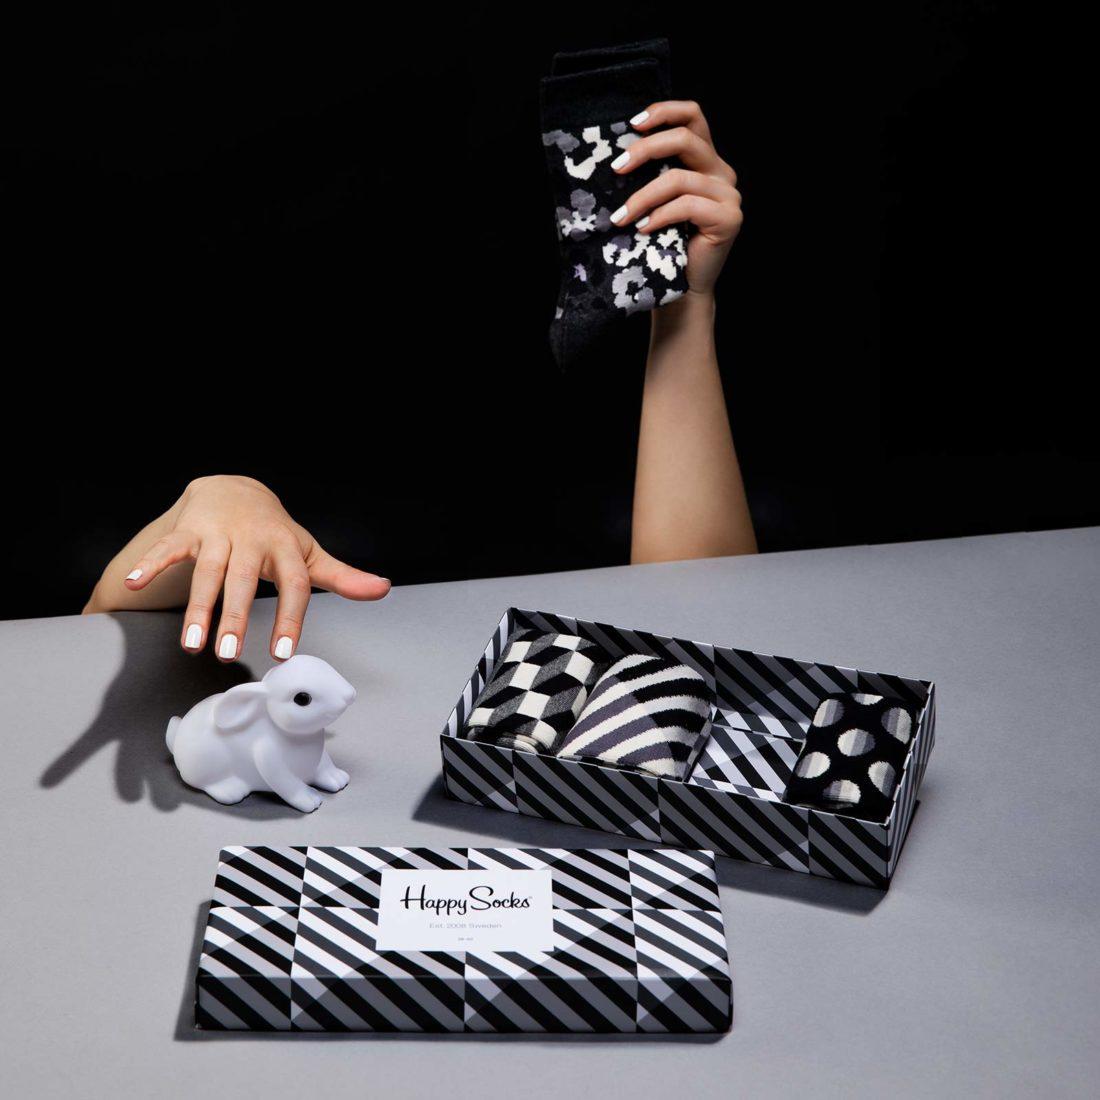 Svartvit Happy socks presentbox och en hand som klappar en kanin